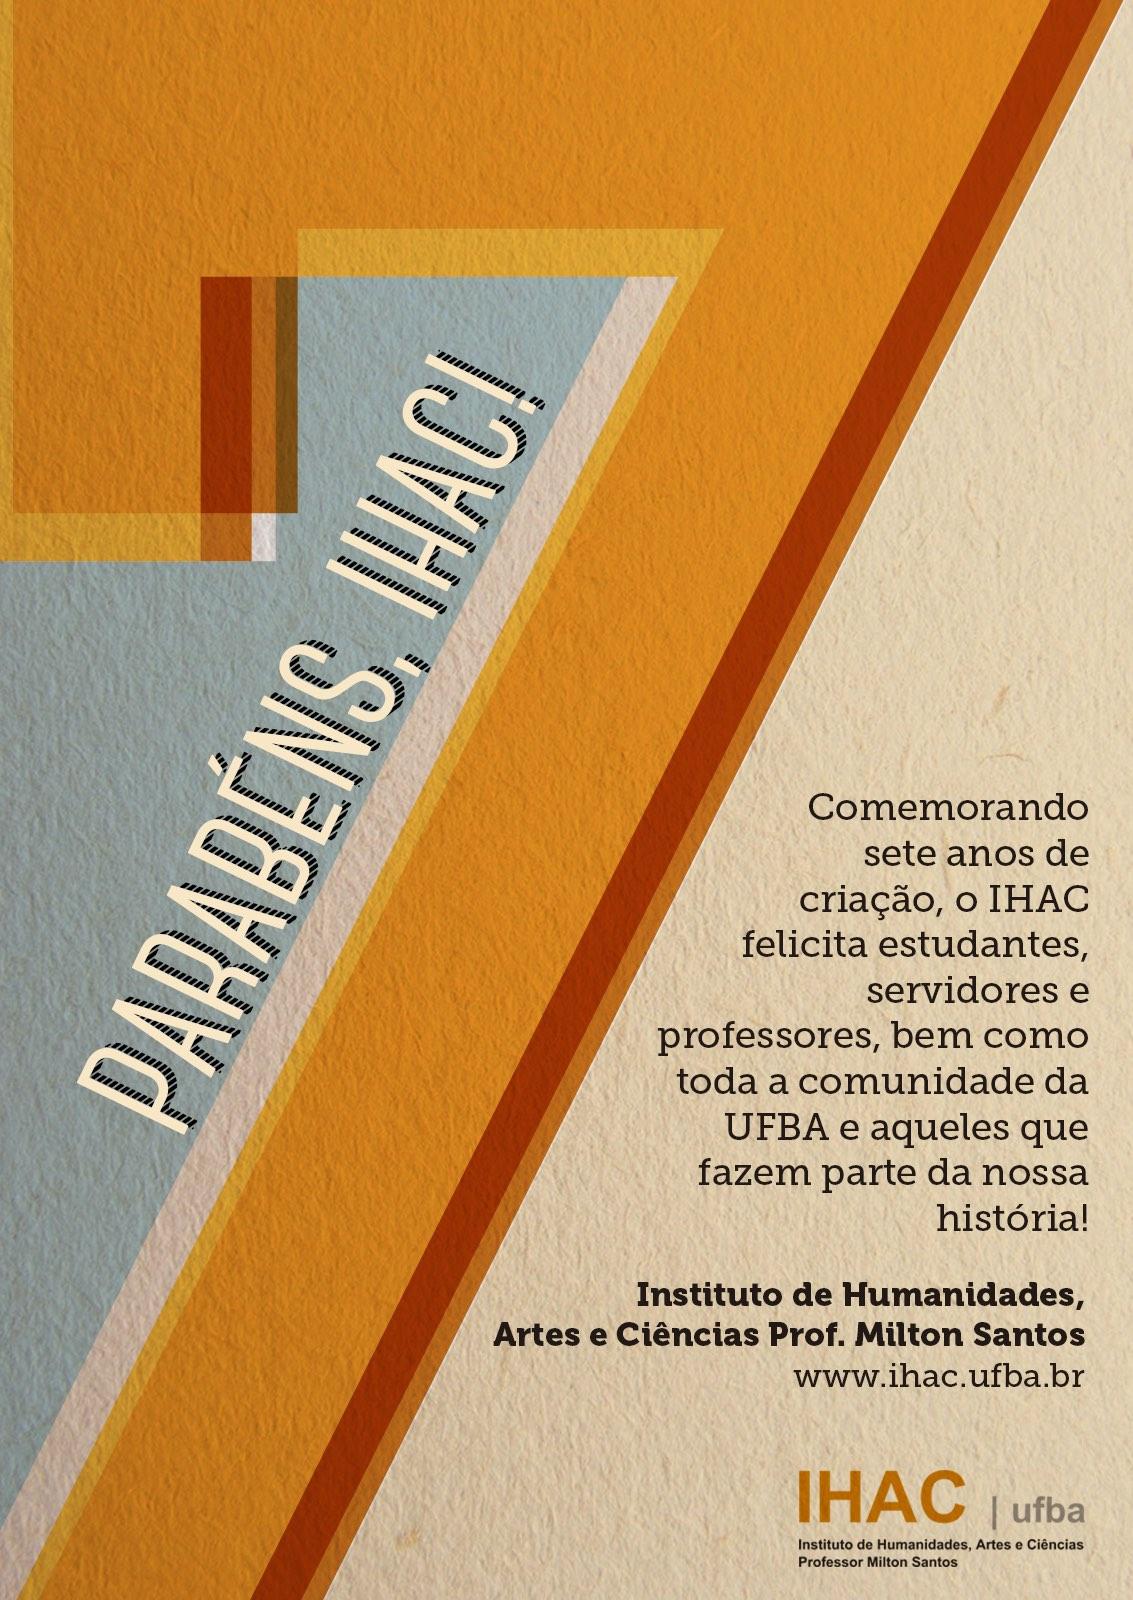 Comunidade celebra sete anos do IHAC!